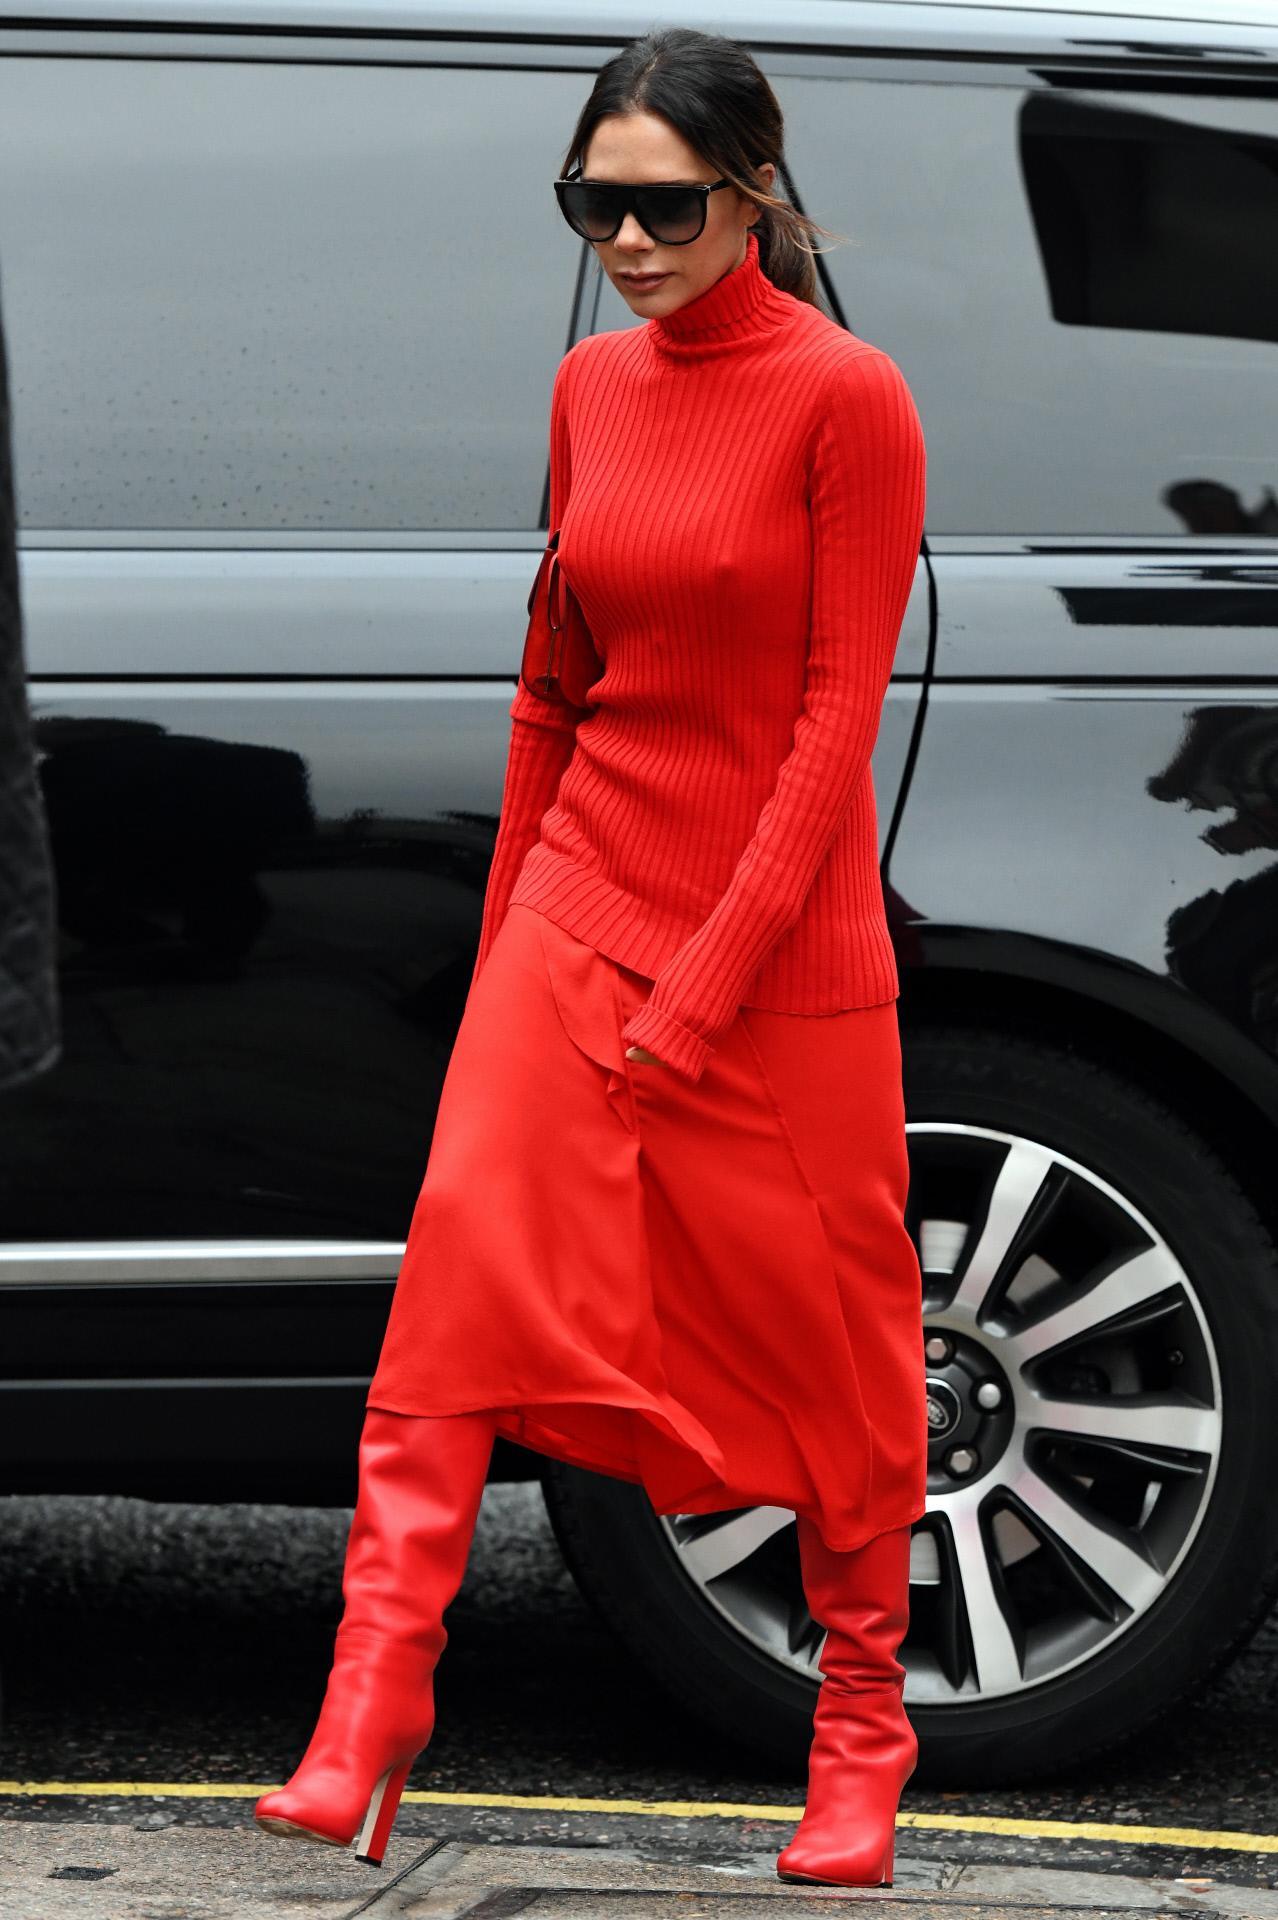 b0fb57ef7c11d Botas altas de mujer  las más de moda del 2019 - InStyle